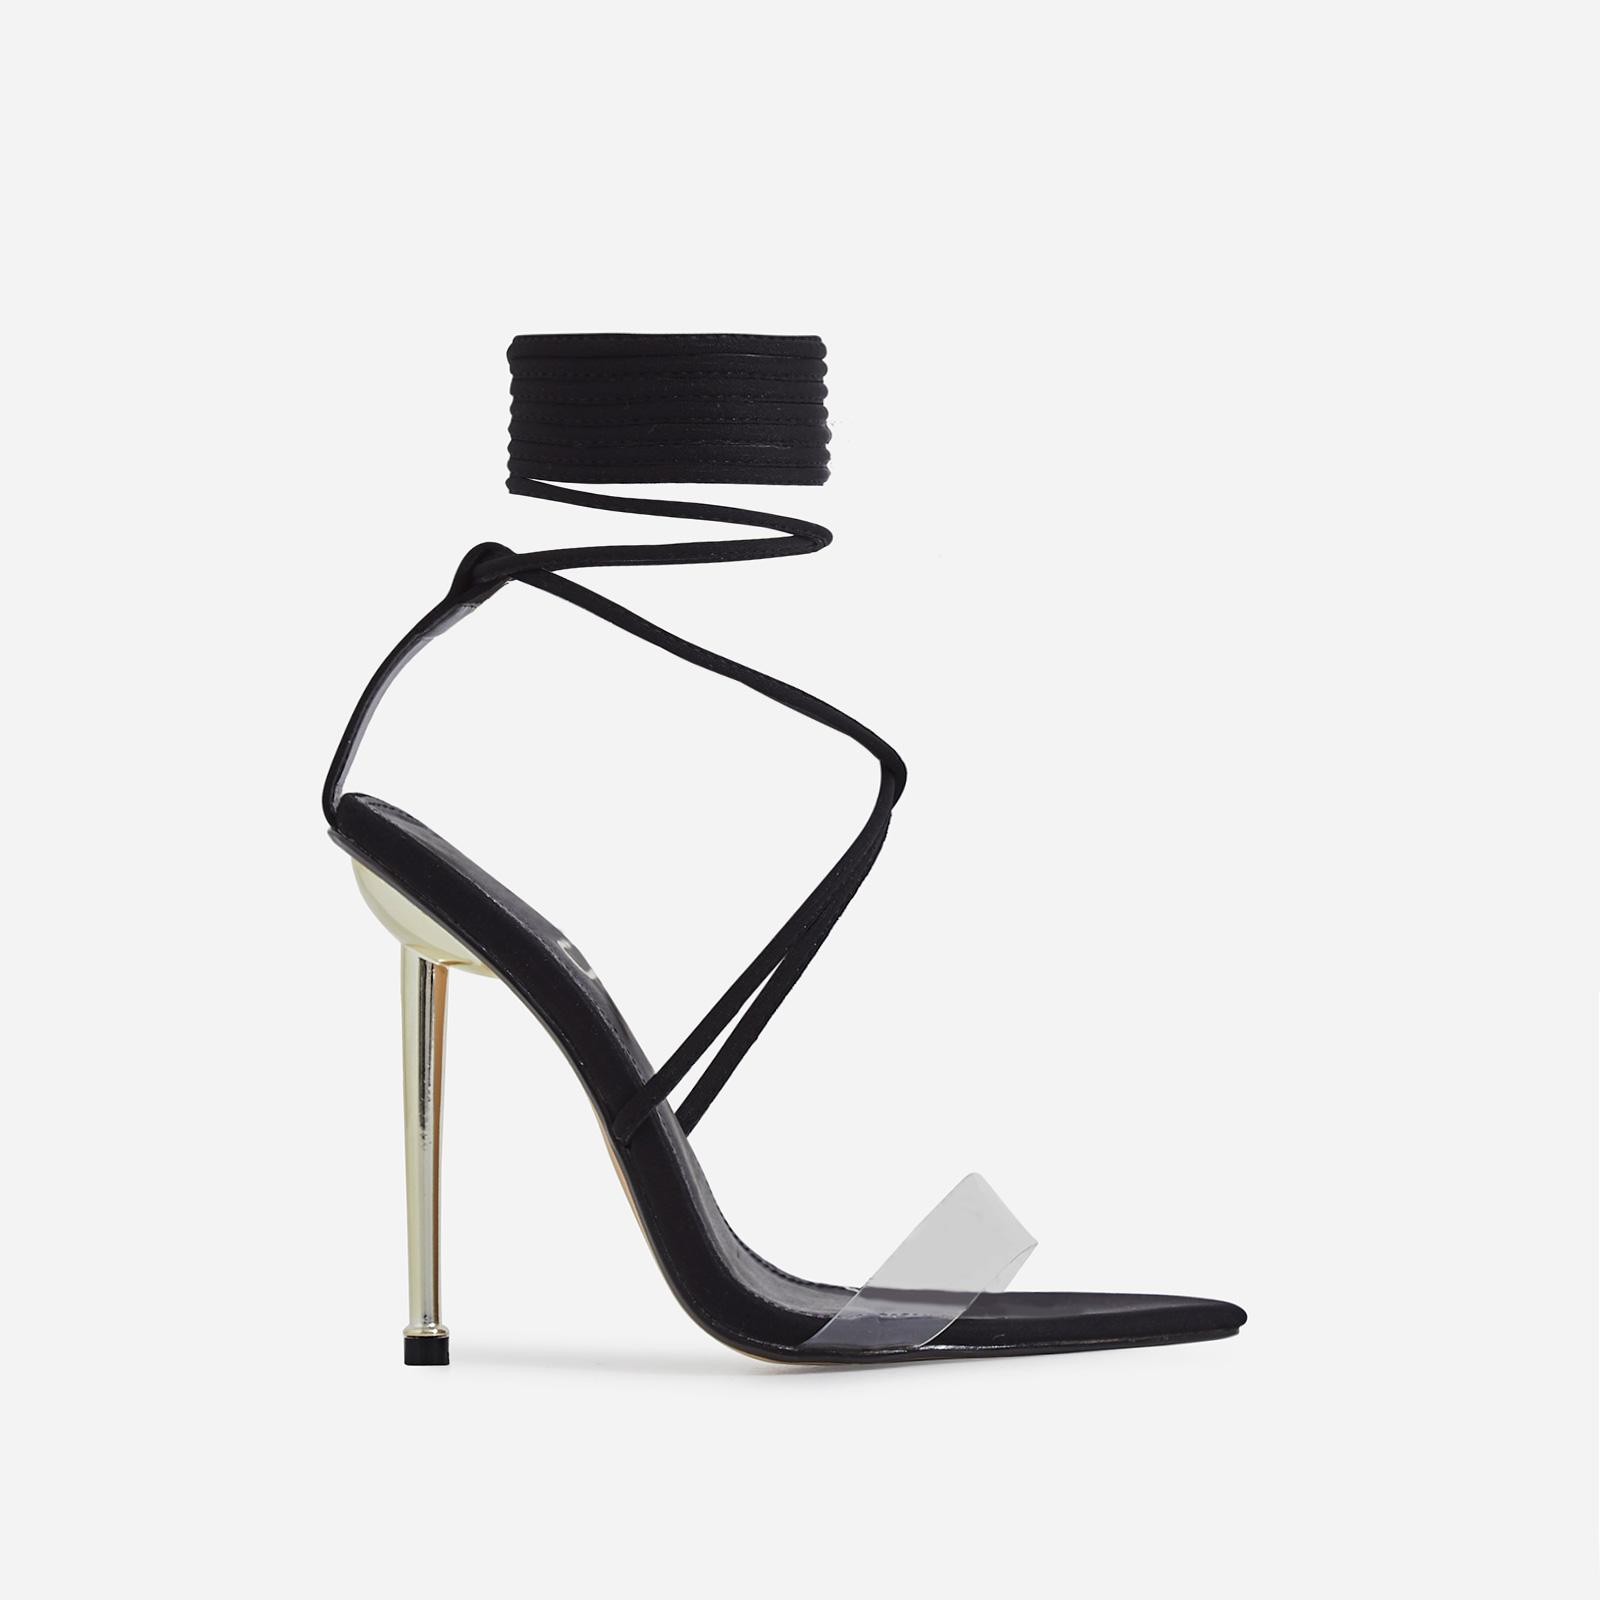 Nobu Pointed Toe Perspex Lace Up Heel In Black Lycra